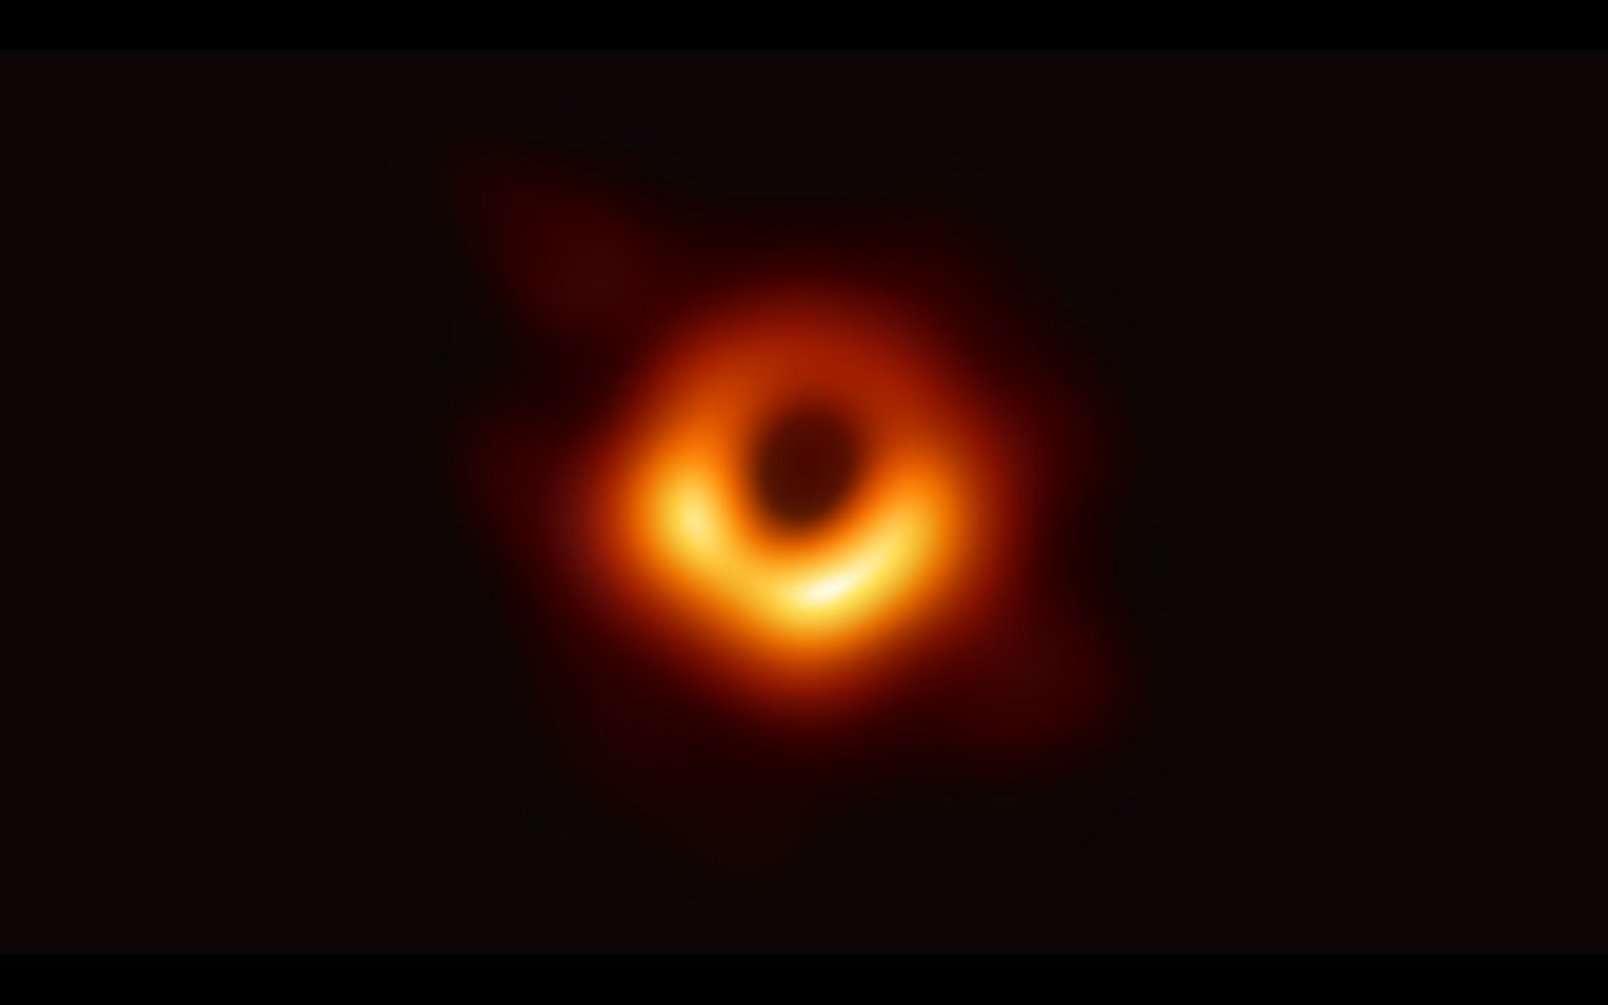 Les astrophysiciens ont obtenu la première image d'un trou noir en utilisant les observations du télescope Event Horizon du centre de la galaxie M87. L'image montre un anneau lumineux formé par la lumière qui se courbe de manière intense autour d'un trou noir 6,5 milliards de fois plus massif que le Soleil. L'angle de vue n'est pas le même mais la ressemblance avec le dessin réalisé par Jean-Pierre Luminet en 1979 est frappante. © Event Horizon Telescope Collaboration